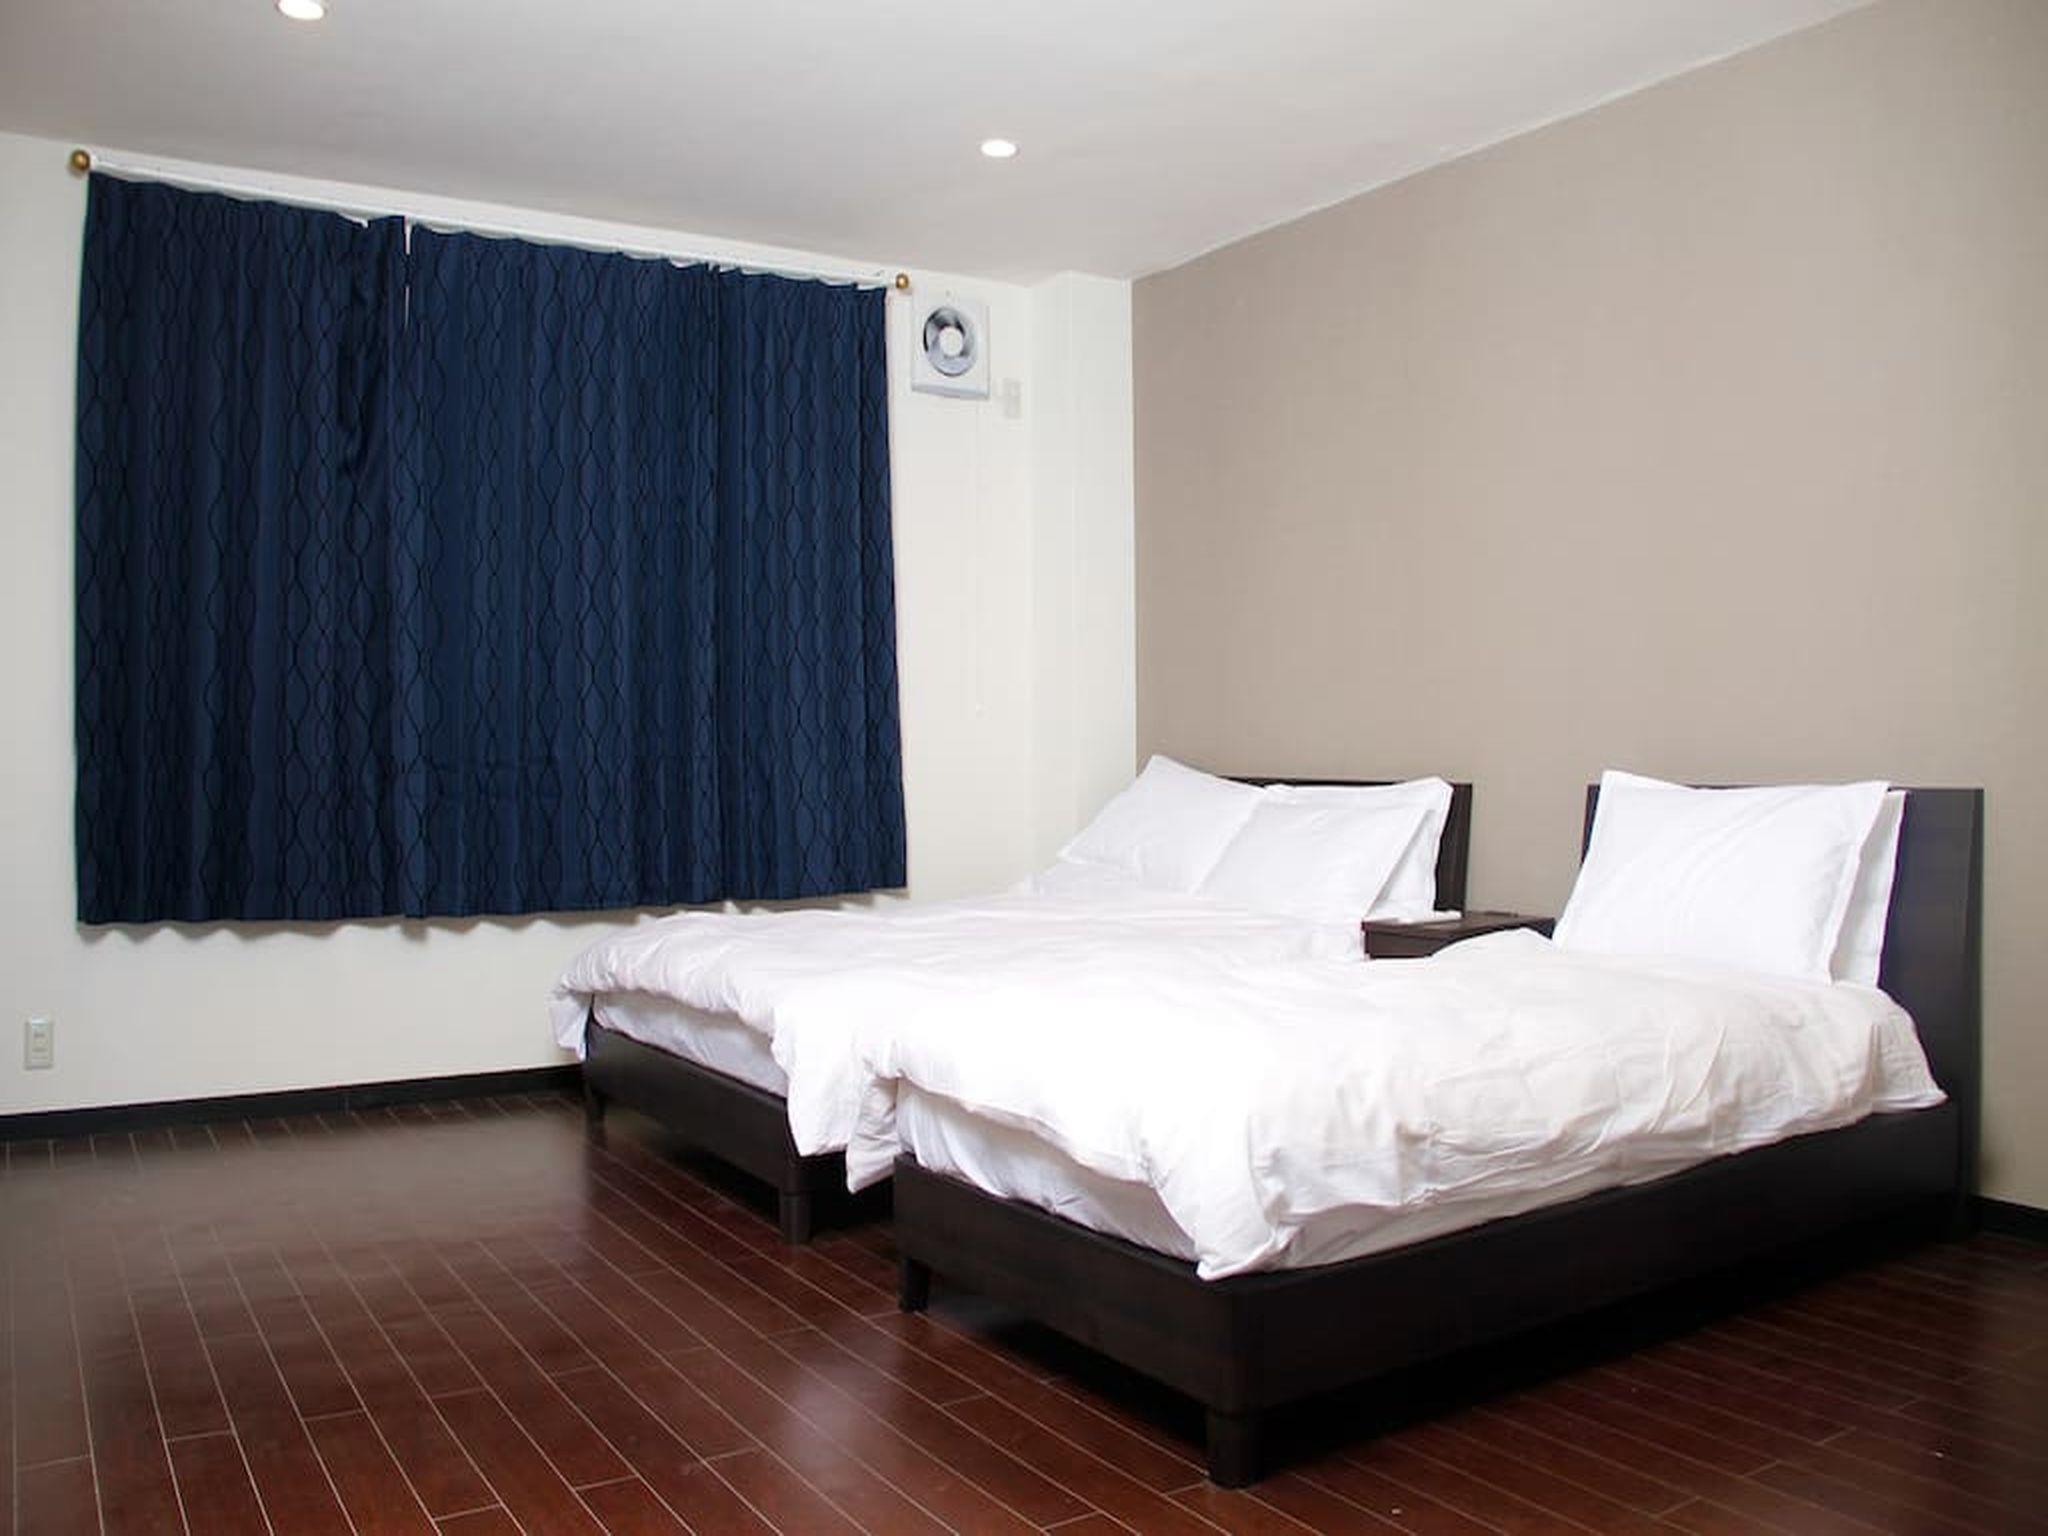 Osaka LY 2 Bedroom Apartment near Namba Dotonbori 31 Japan ...